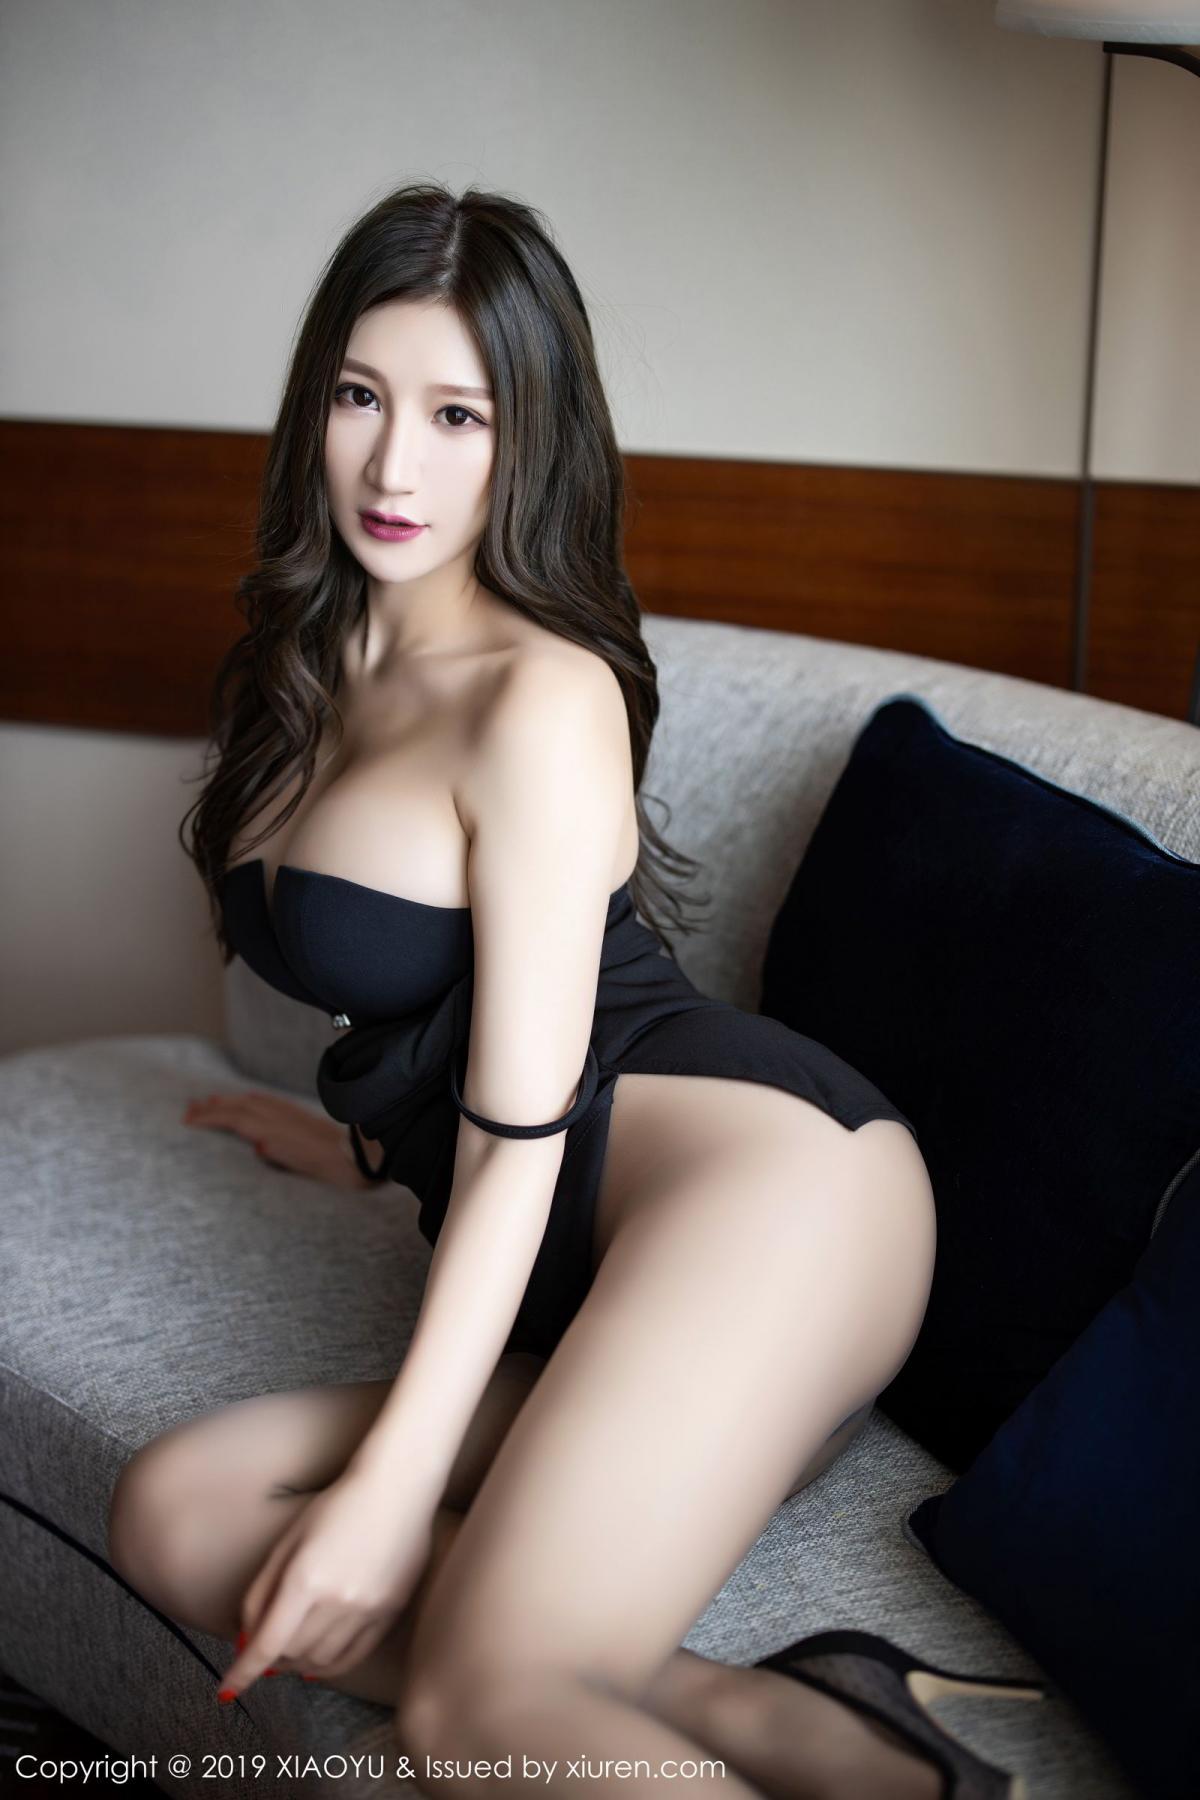 XiuRen Vol. 2033 Lu Xuan Xuan - Page 3 of 6 - Best Hot Girls